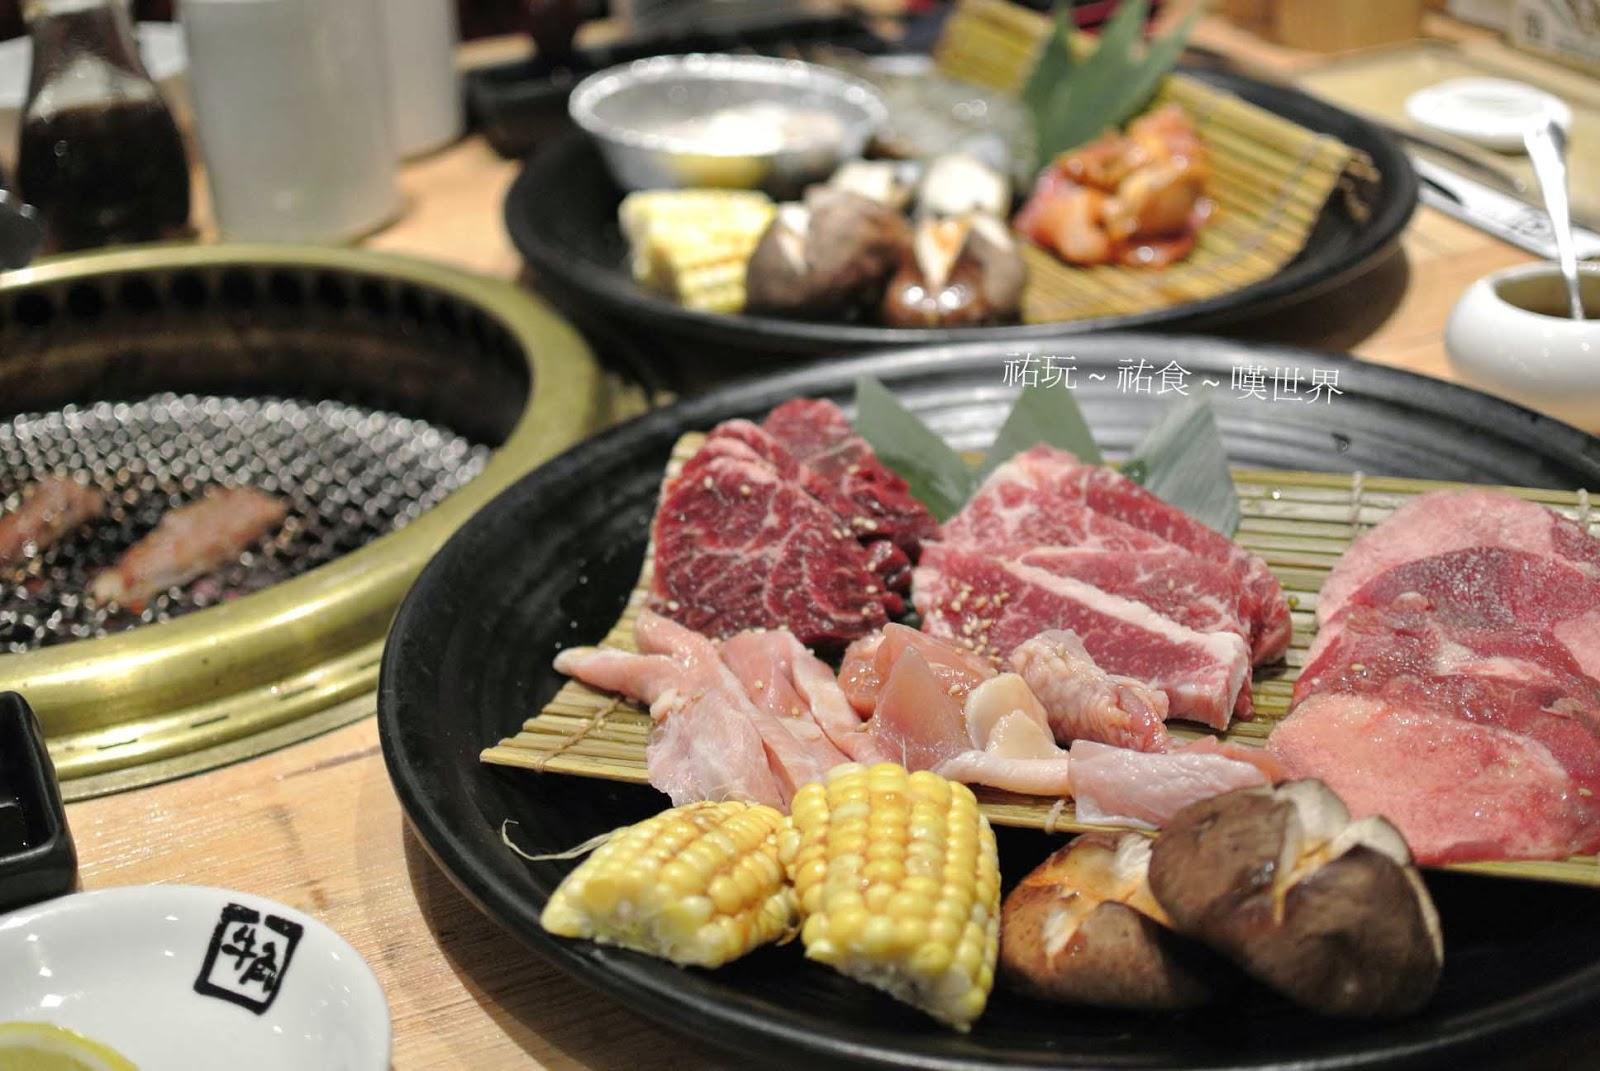 香港美食 - 牛角日本燒肉專門店_祐-YaU_新浪博客